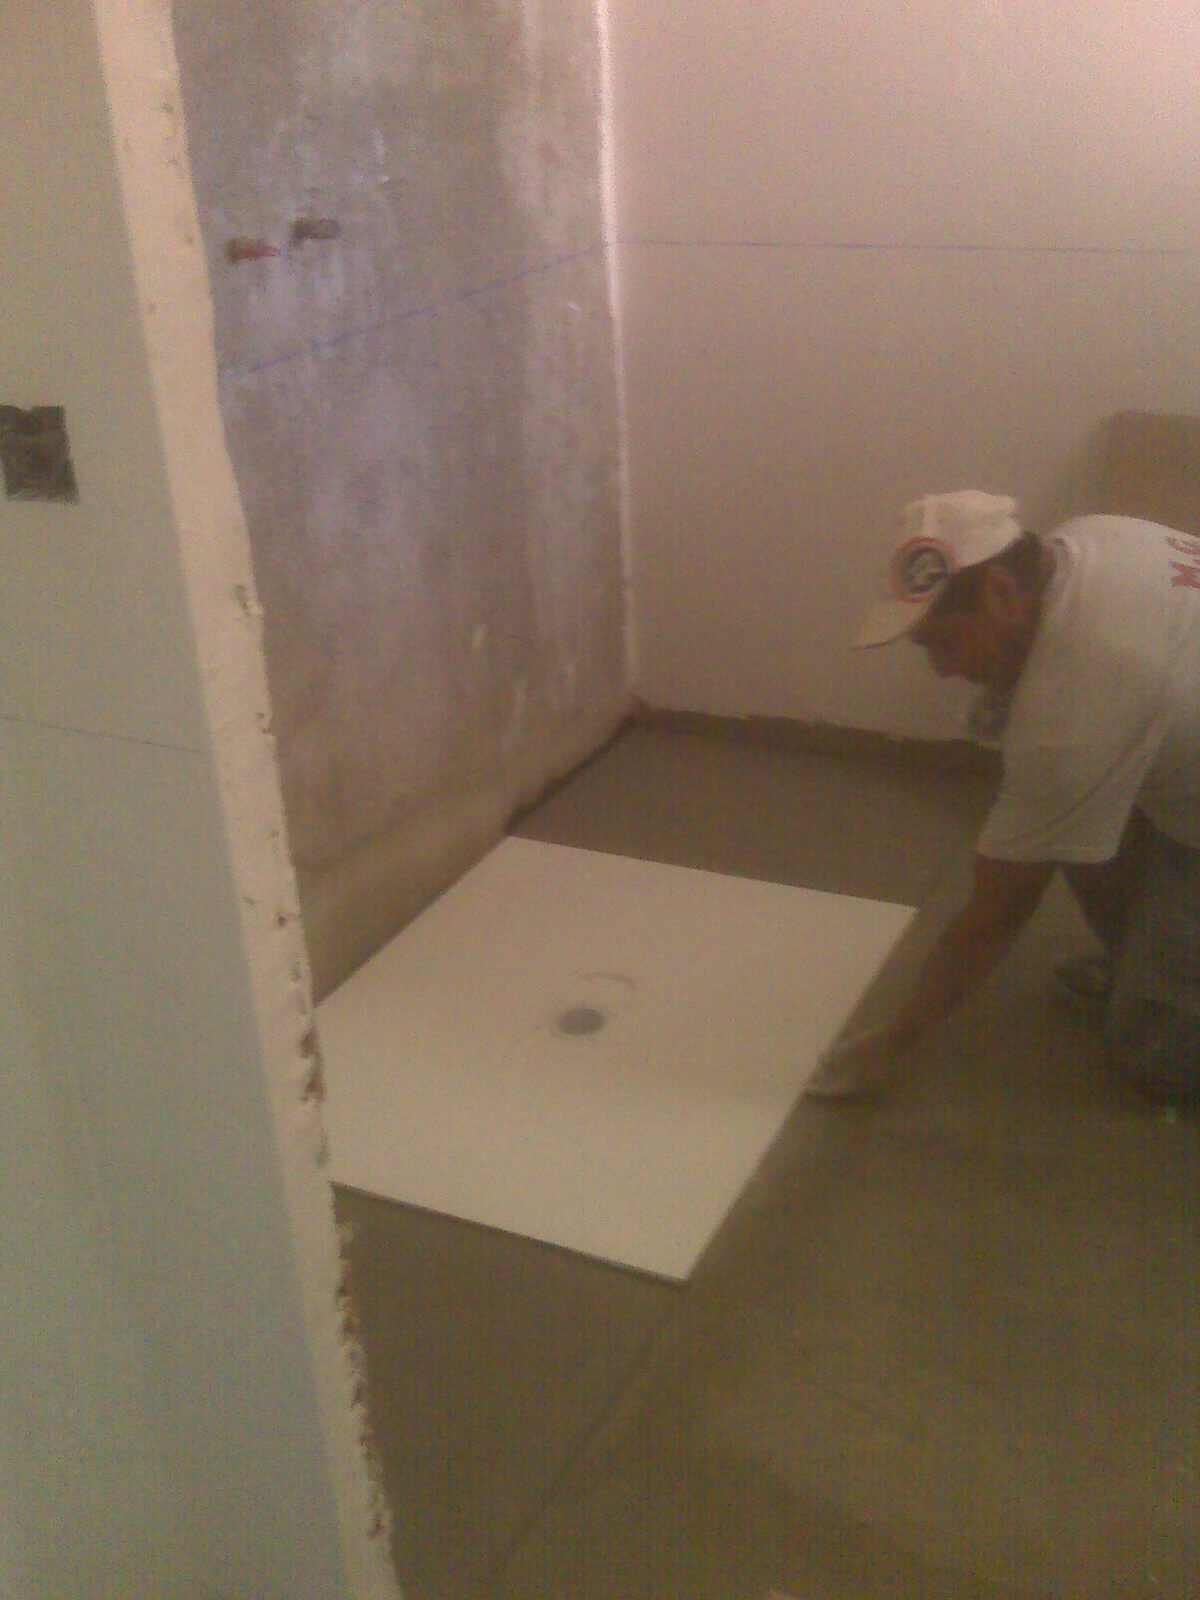 Como hacer una ducha de obra espacios y proyectos for Plato de ducha flexible